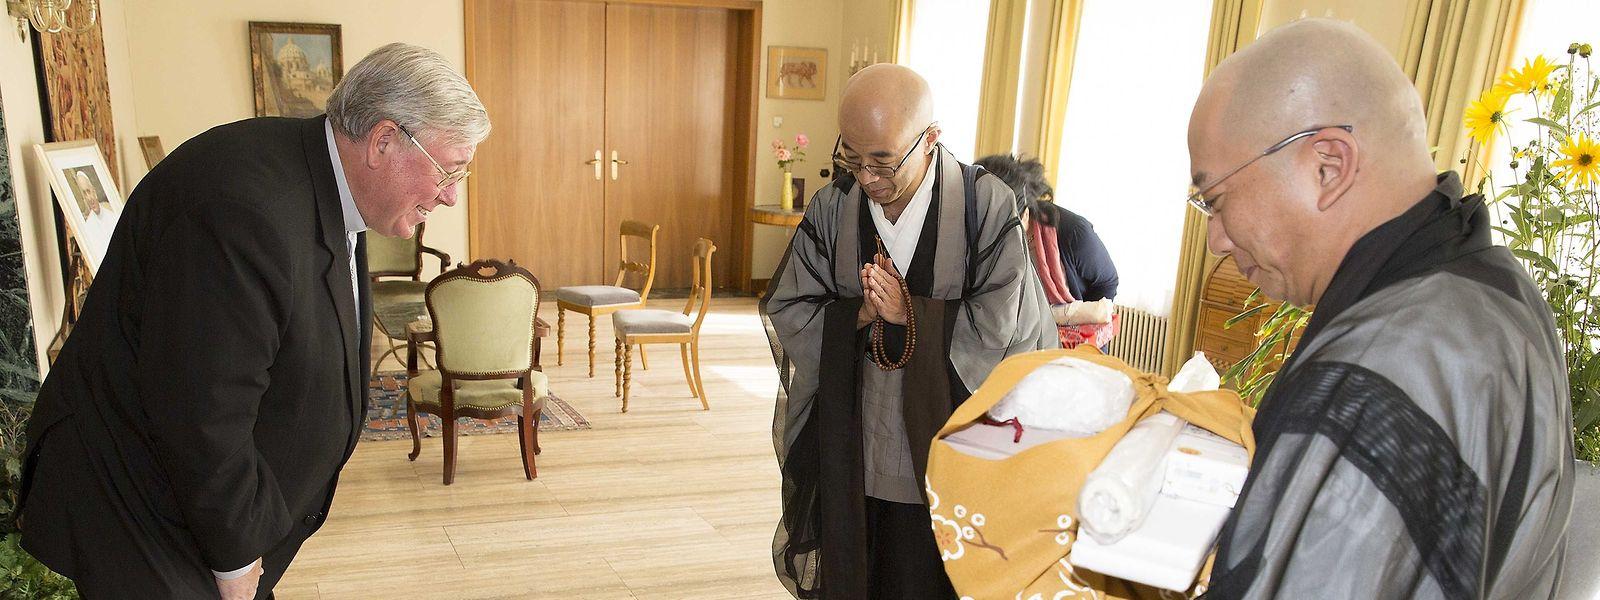 Erzbischof Jean-Claude Hollerich- hier bei einem Empfang für Zen-Meister aus Japan - teilt mit Papst Franziskus eine Leidenschaft für das fernöstliche Land.